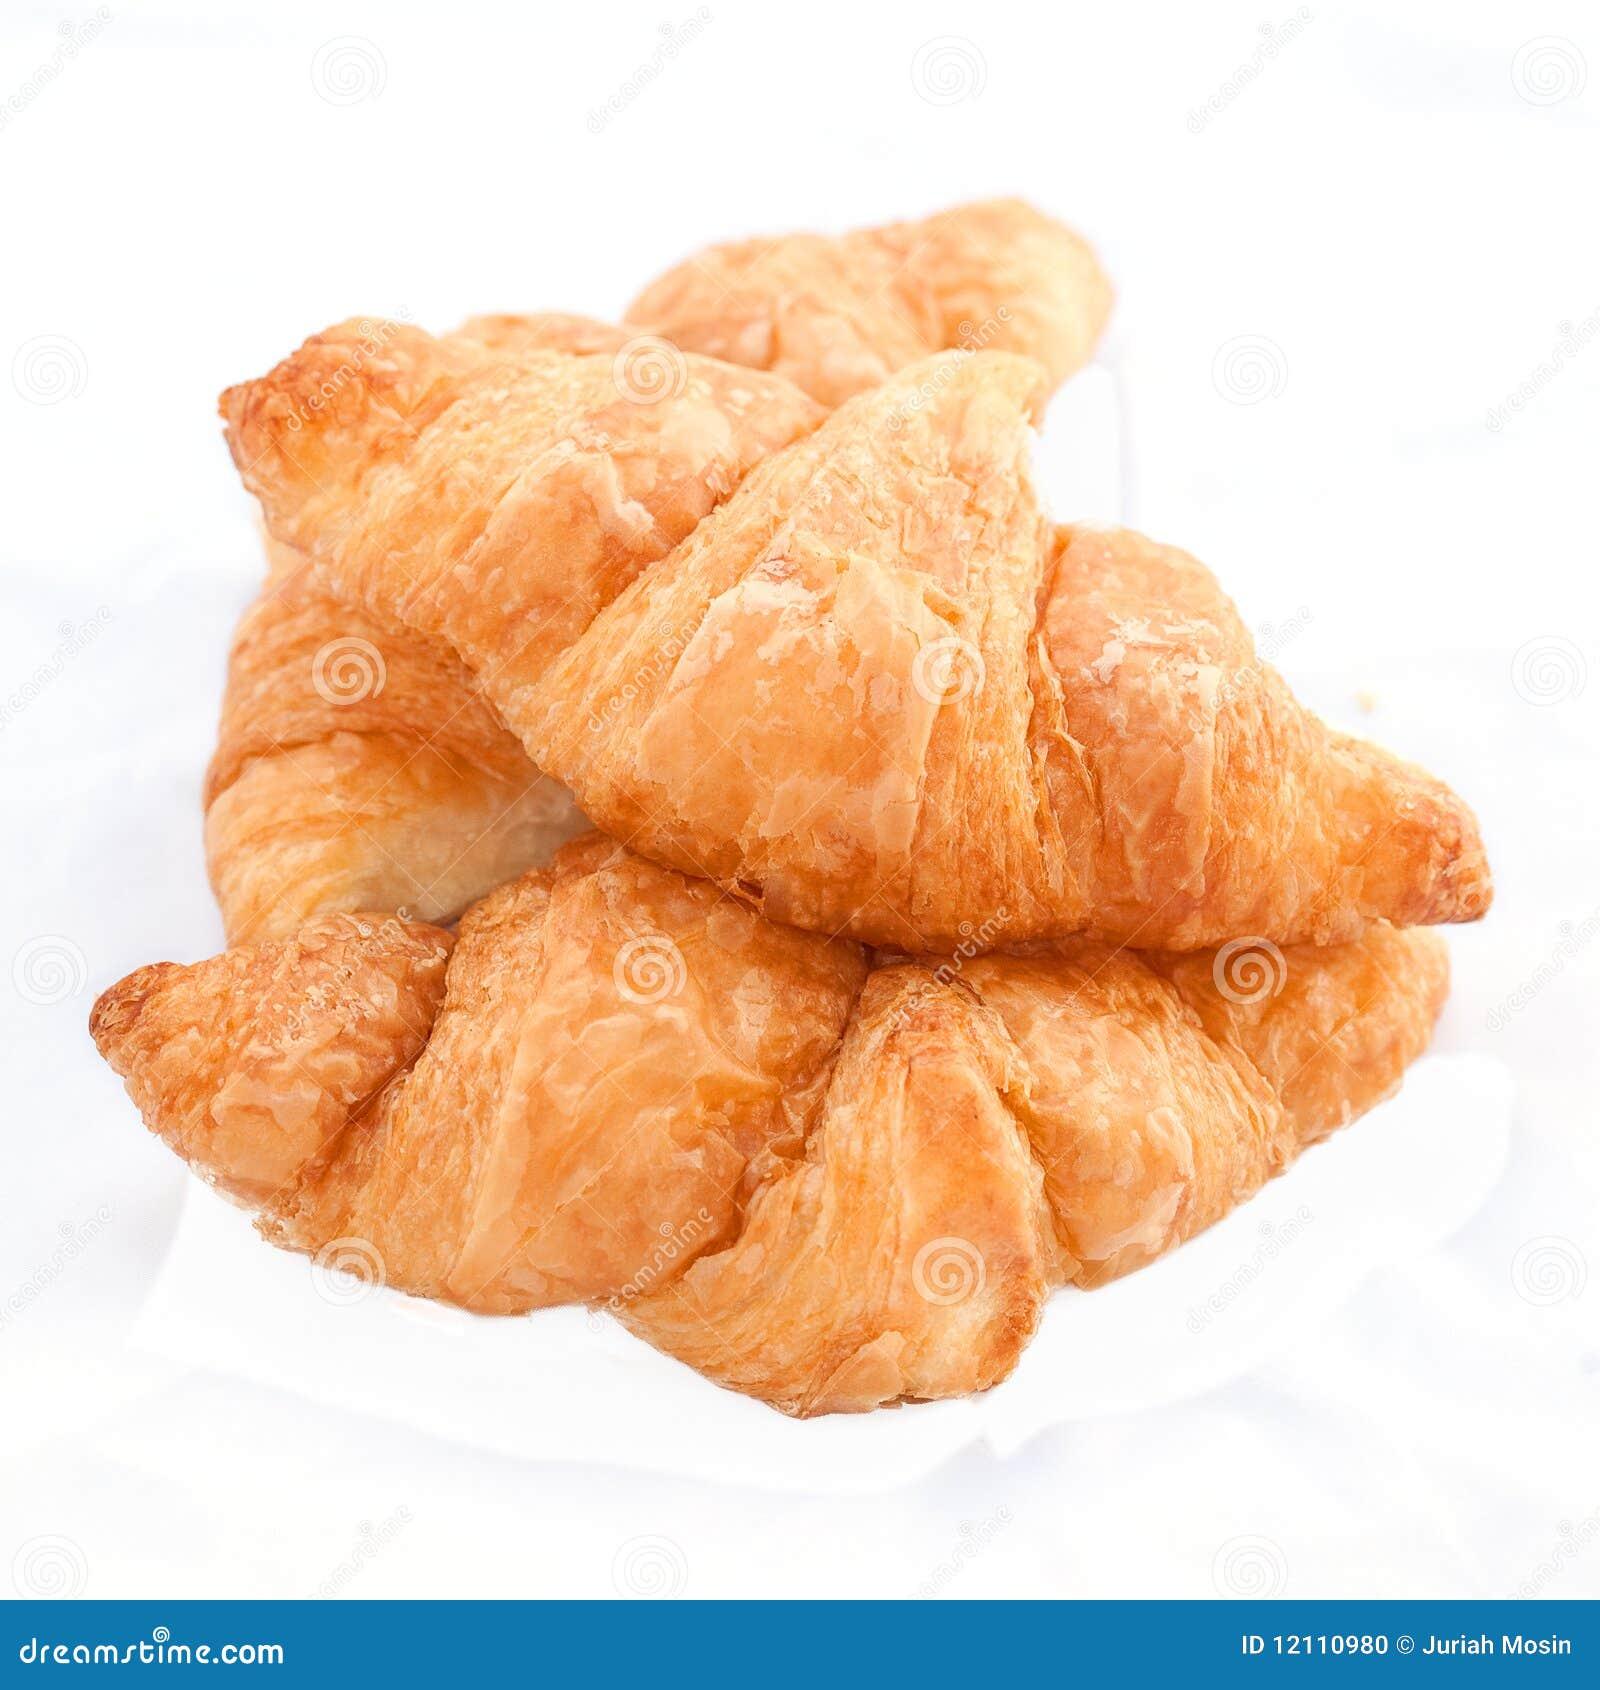 Flaky Croissants On White Background. Stock Photo - Image: 12110980